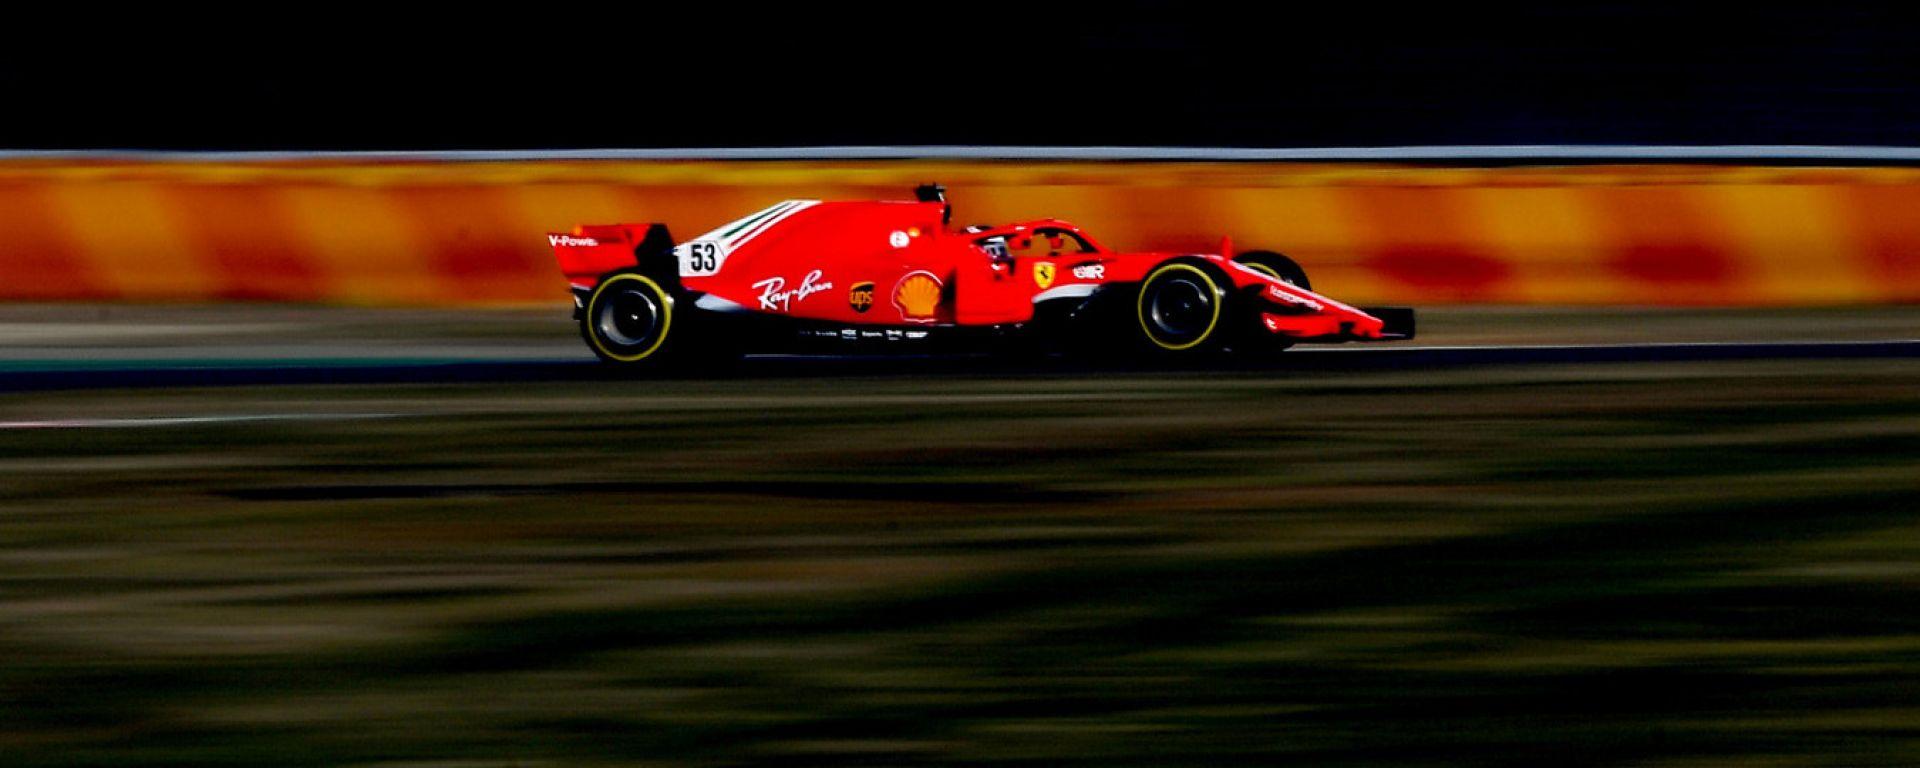 F1, test Ferrari Fiorano 2021: Callum Ilott